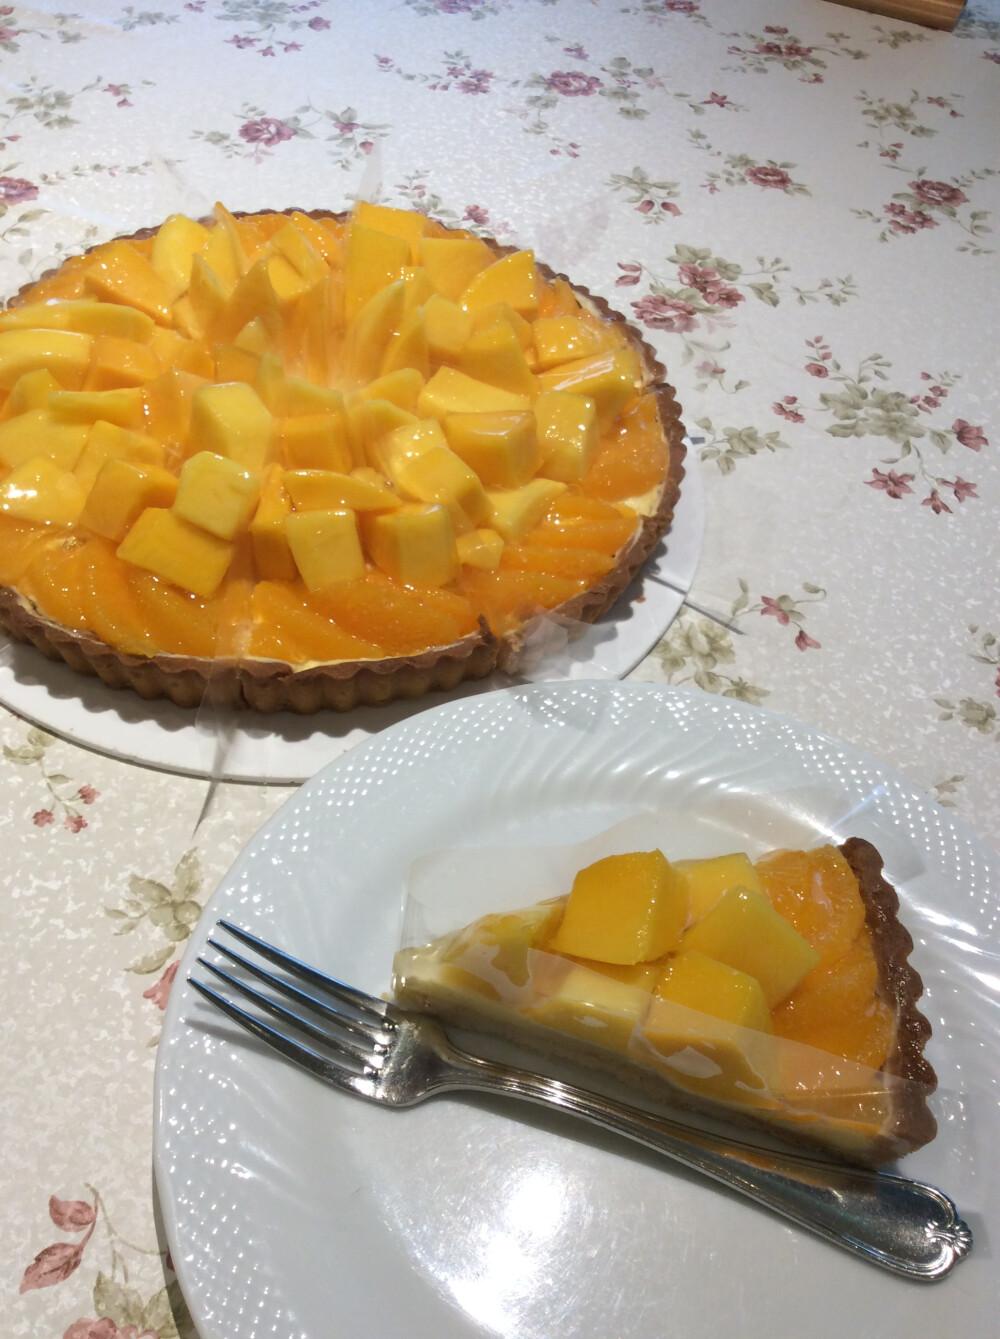 アップルマンゴーとオレンジのタルト